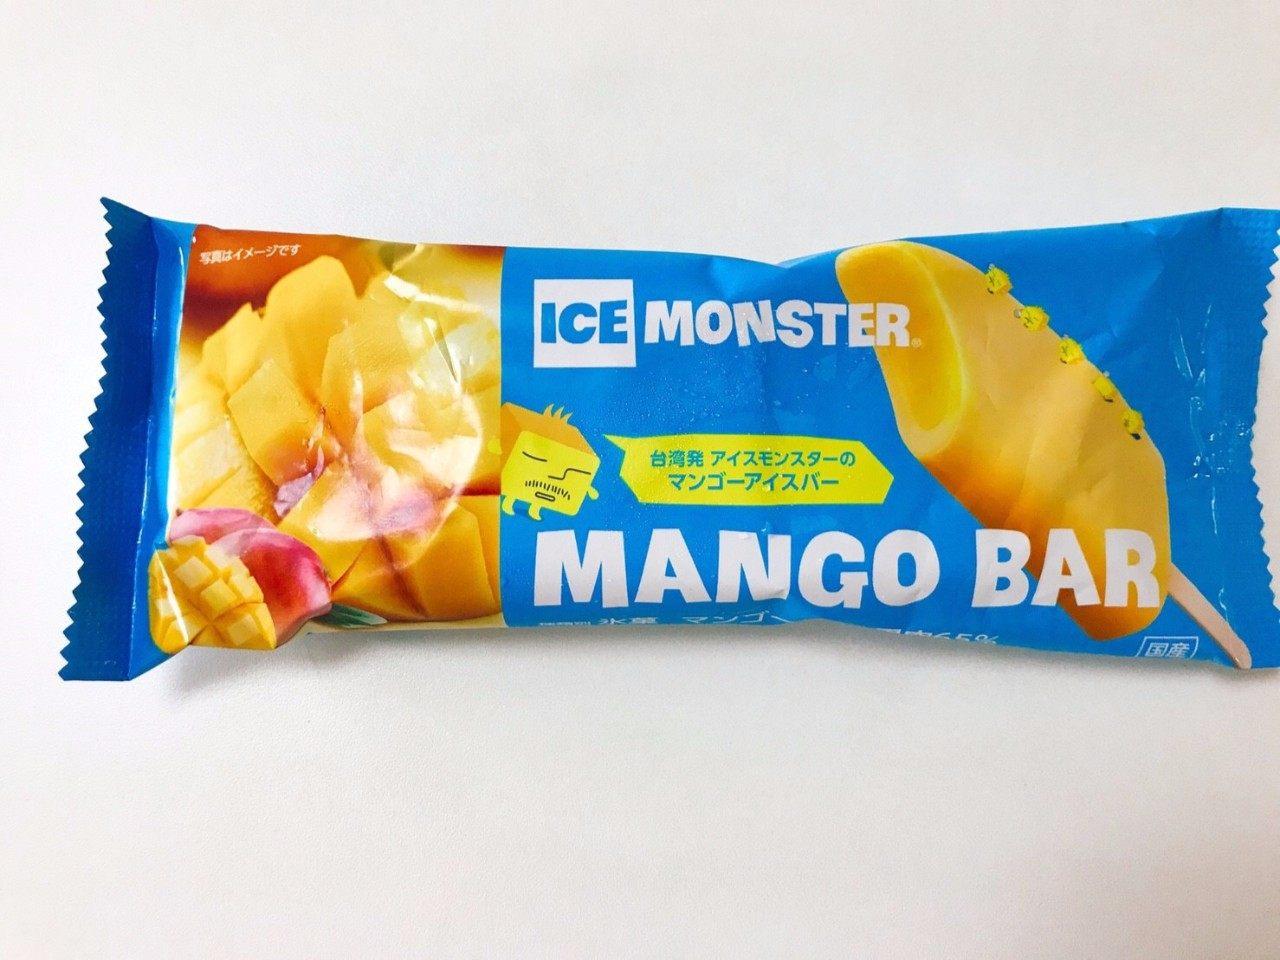 罗森芒果冰棒「 ICE MONSTER」